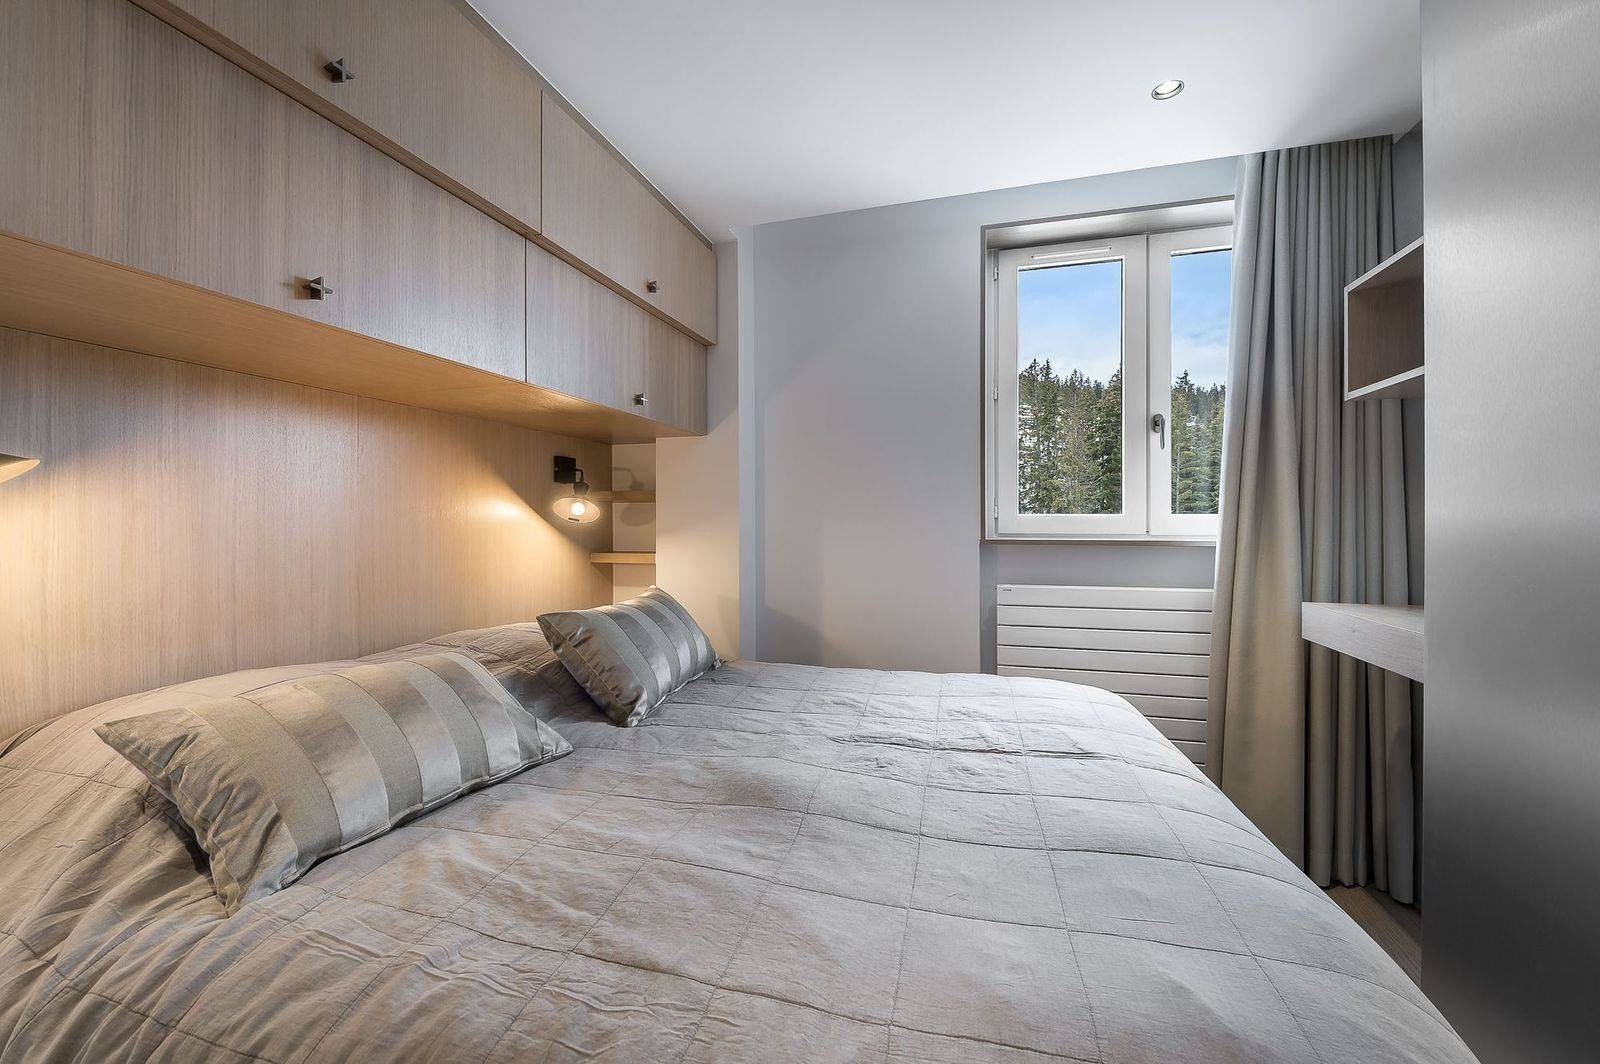 Courchevel 1850 Location Appartement Luxe Cesarilite Chambre